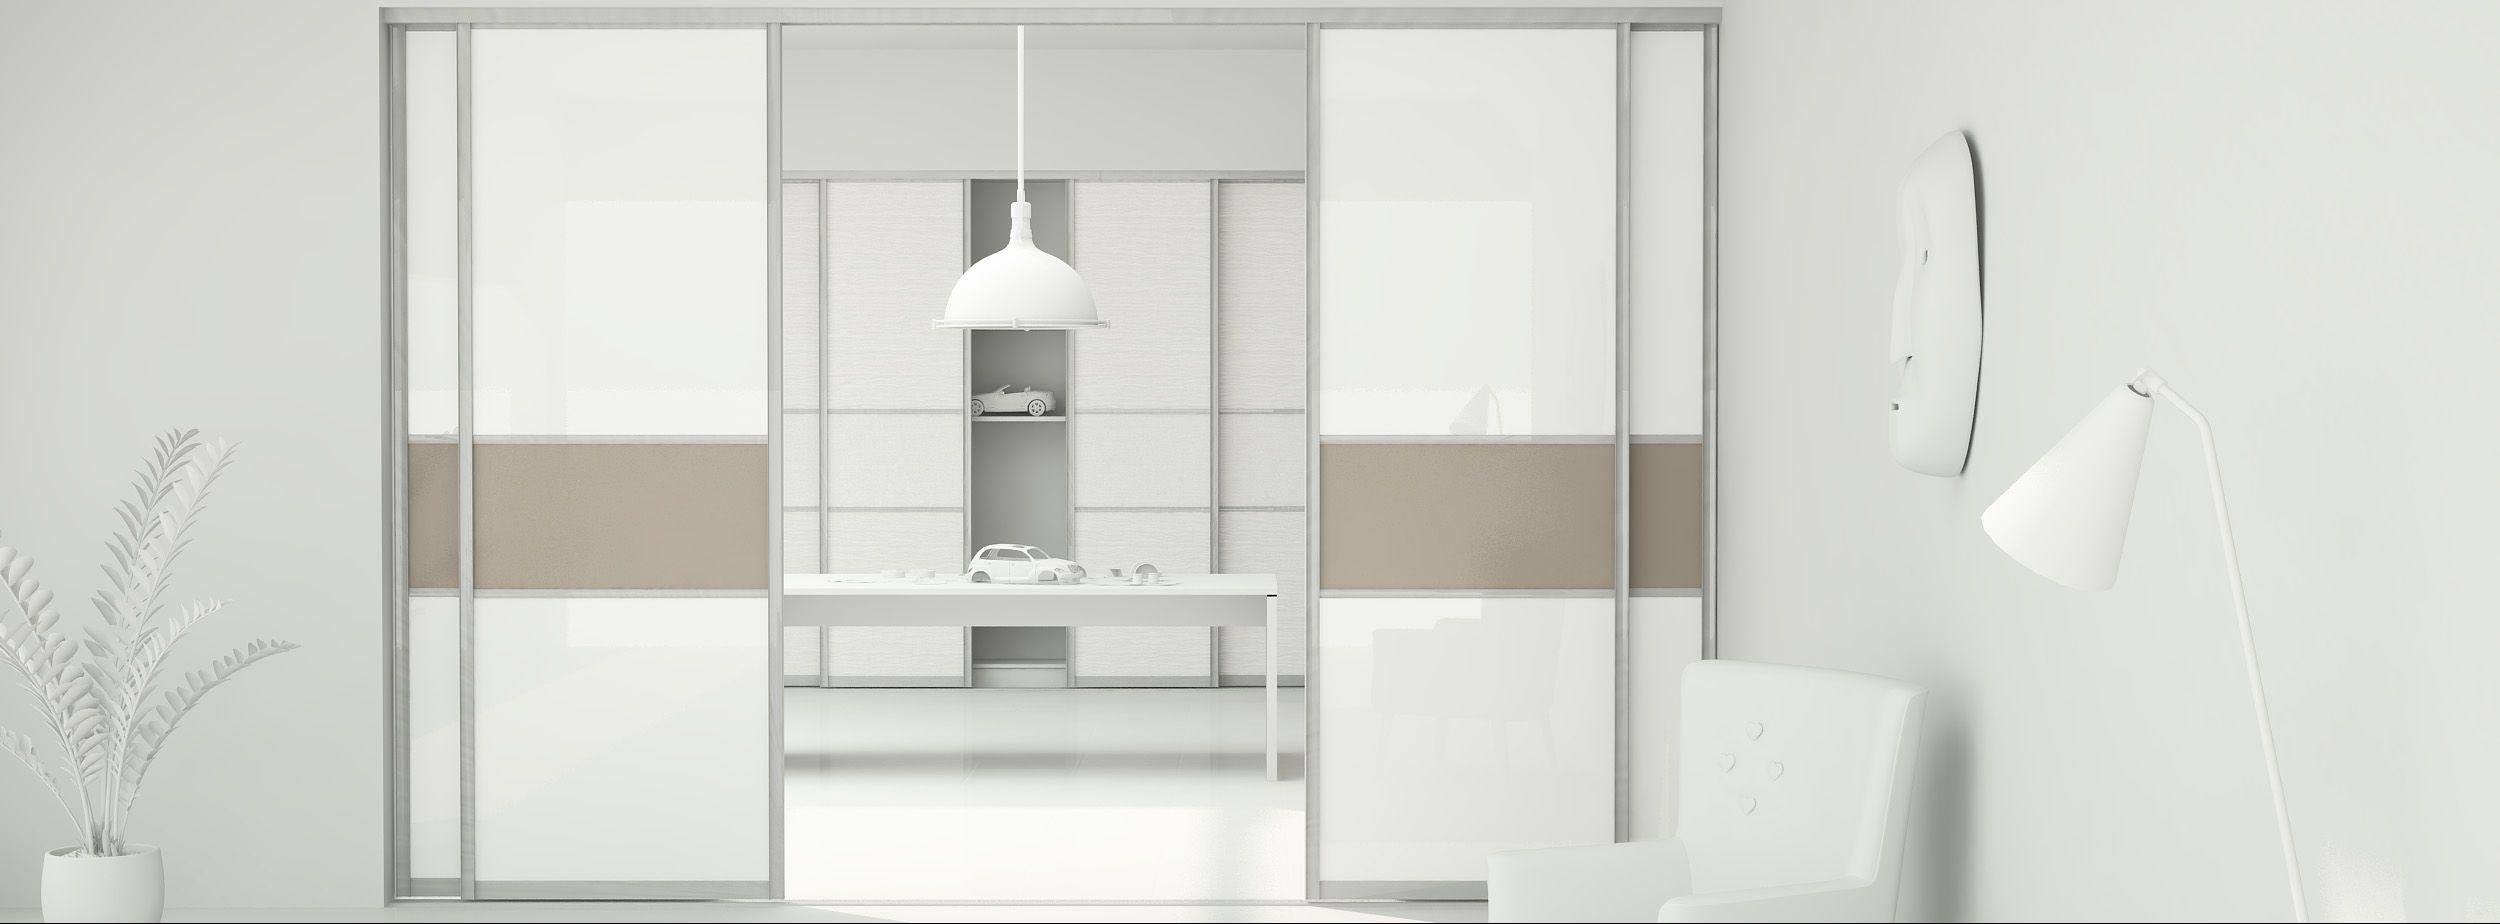 schiebet r als raumteiler aus glas mit sprosse in der. Black Bedroom Furniture Sets. Home Design Ideas